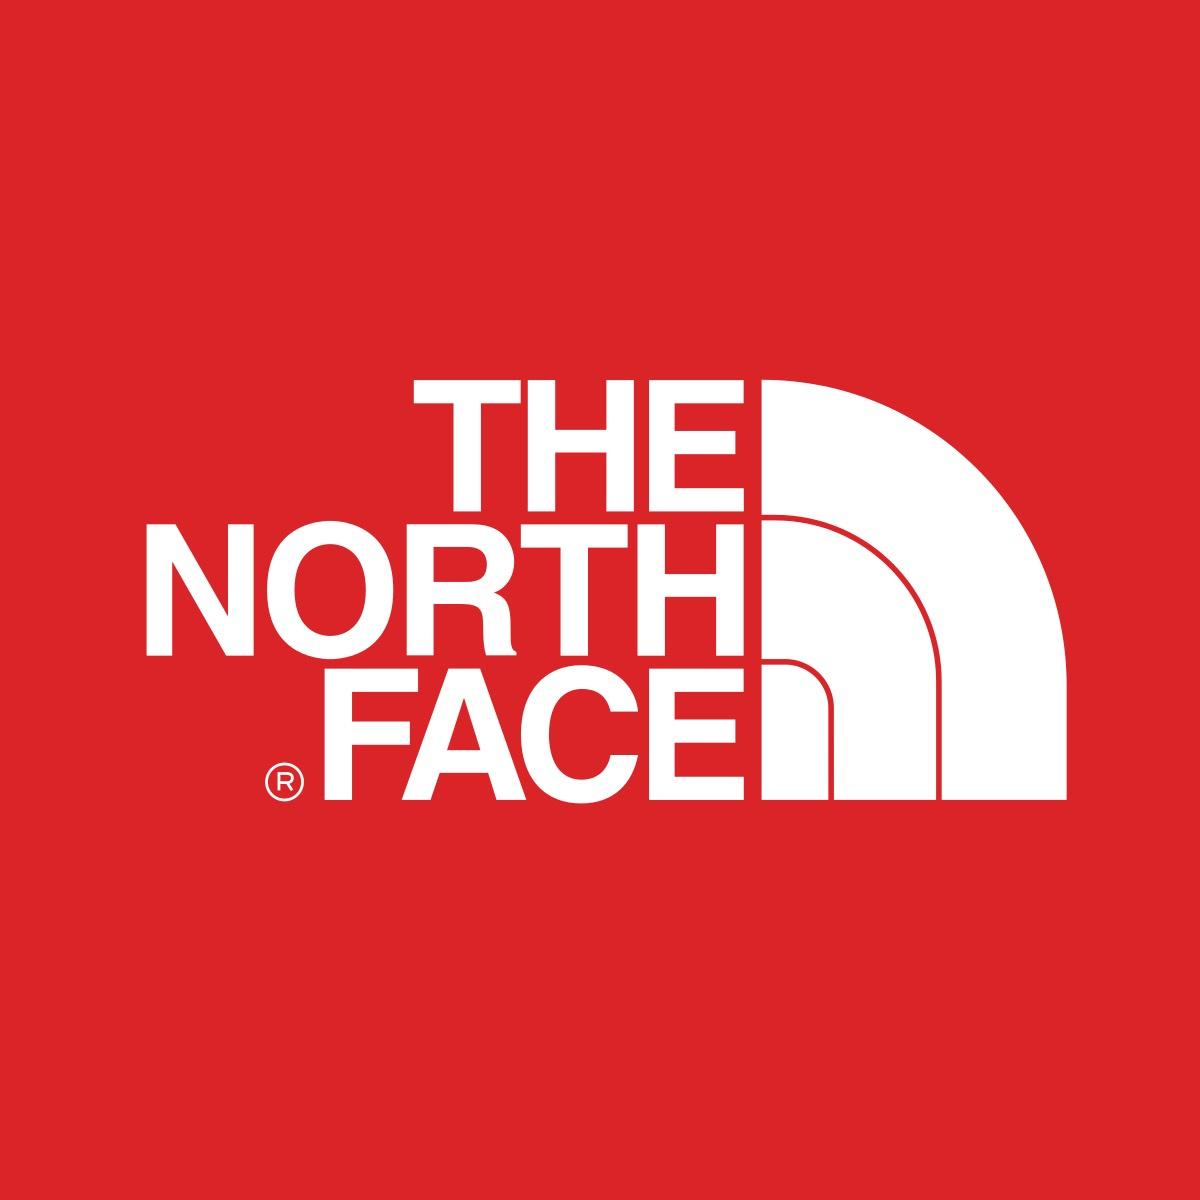 Wyprzedaż THE NORTH FACE